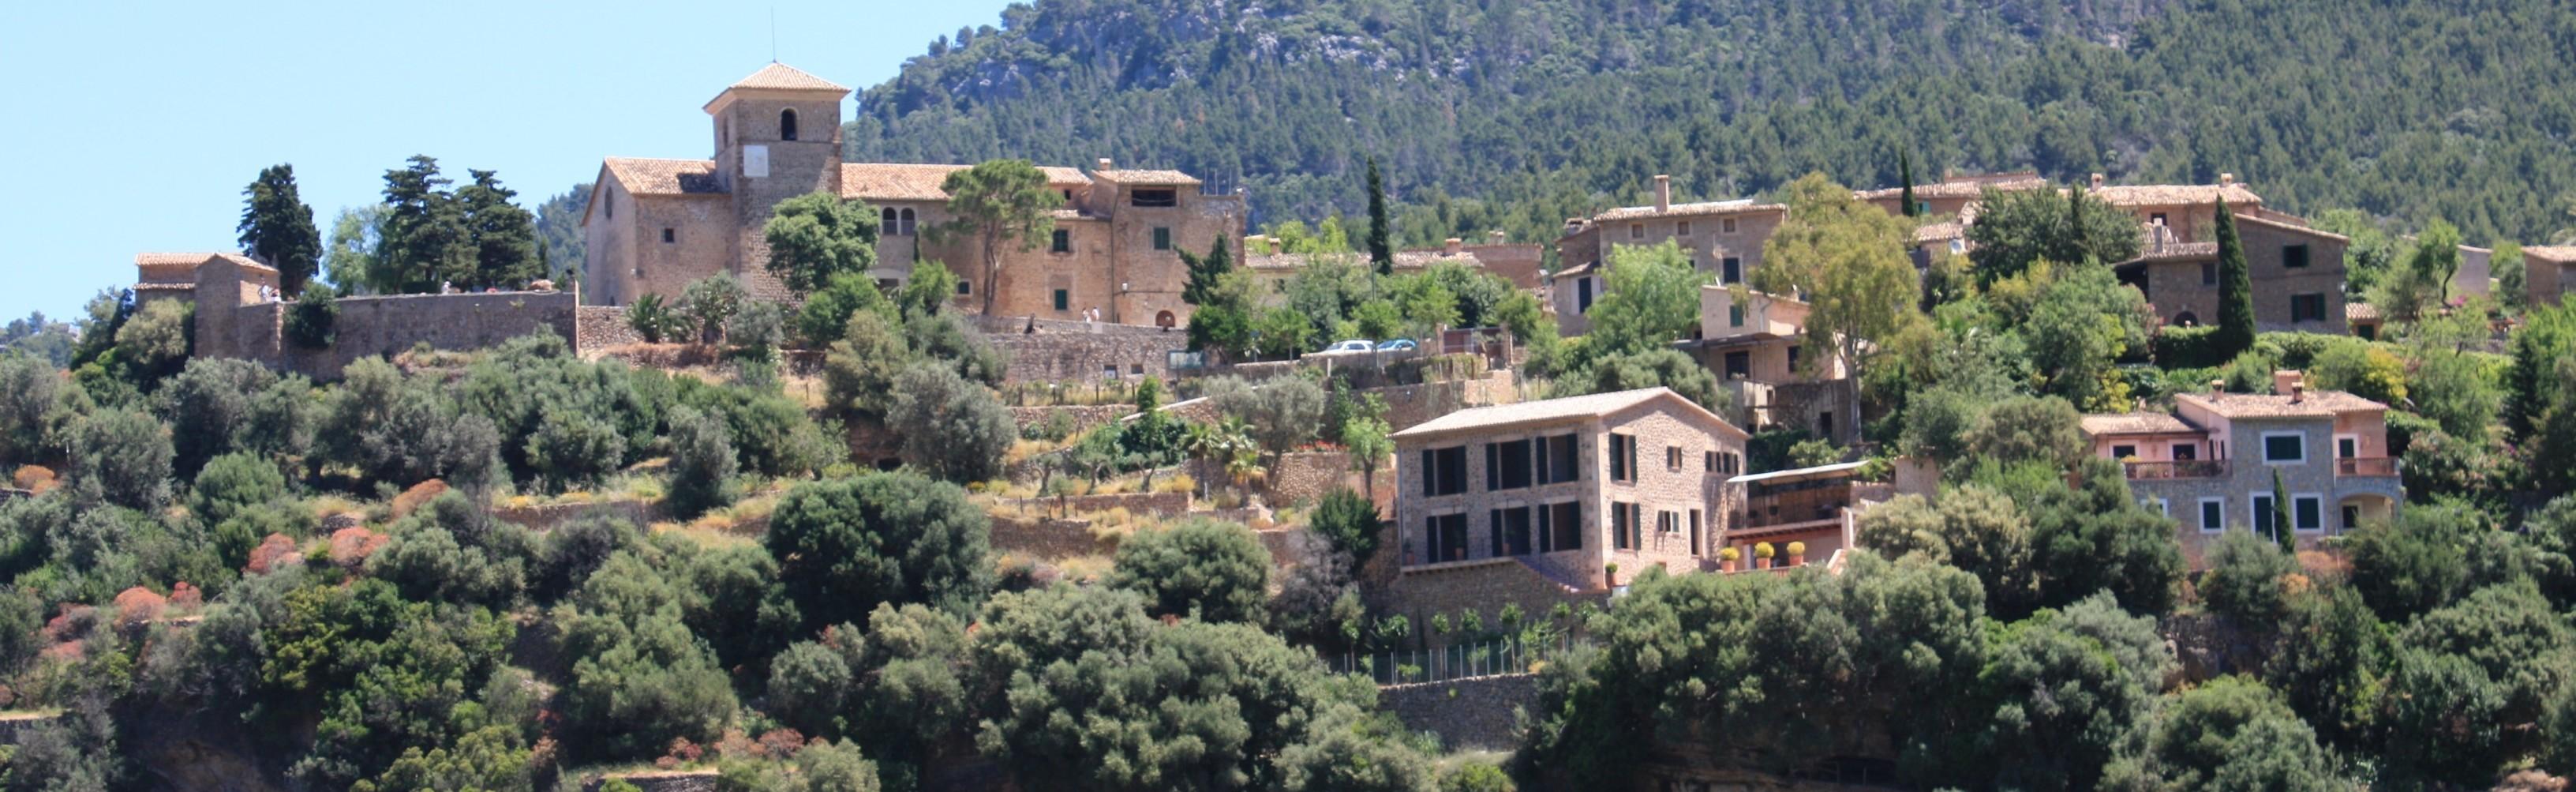 Mallorca - Deia